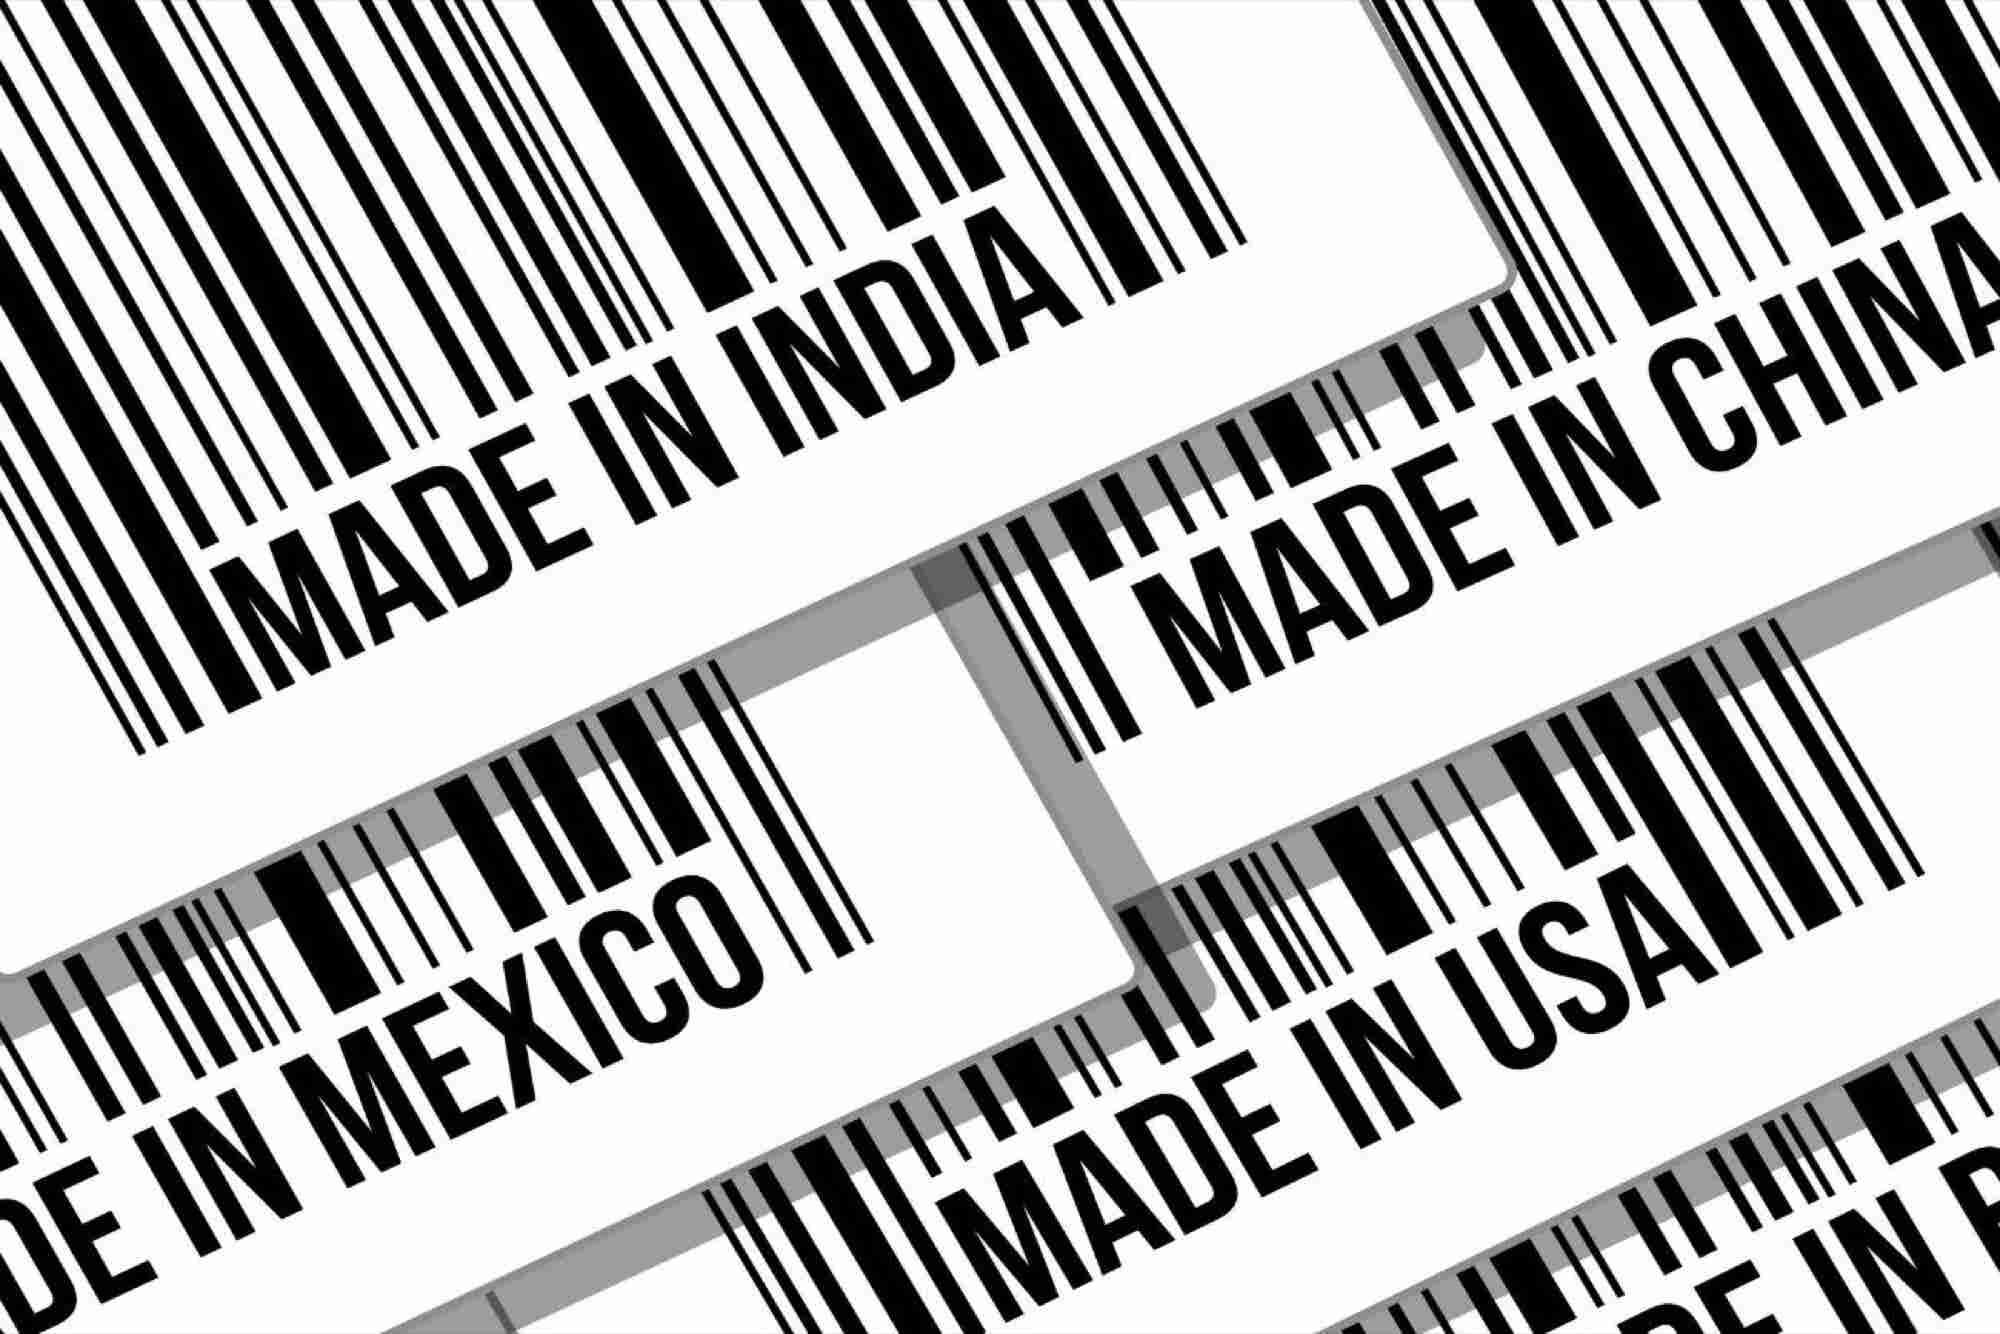 ¿Qué es la Organización Mundial de Comercio (OMC)?